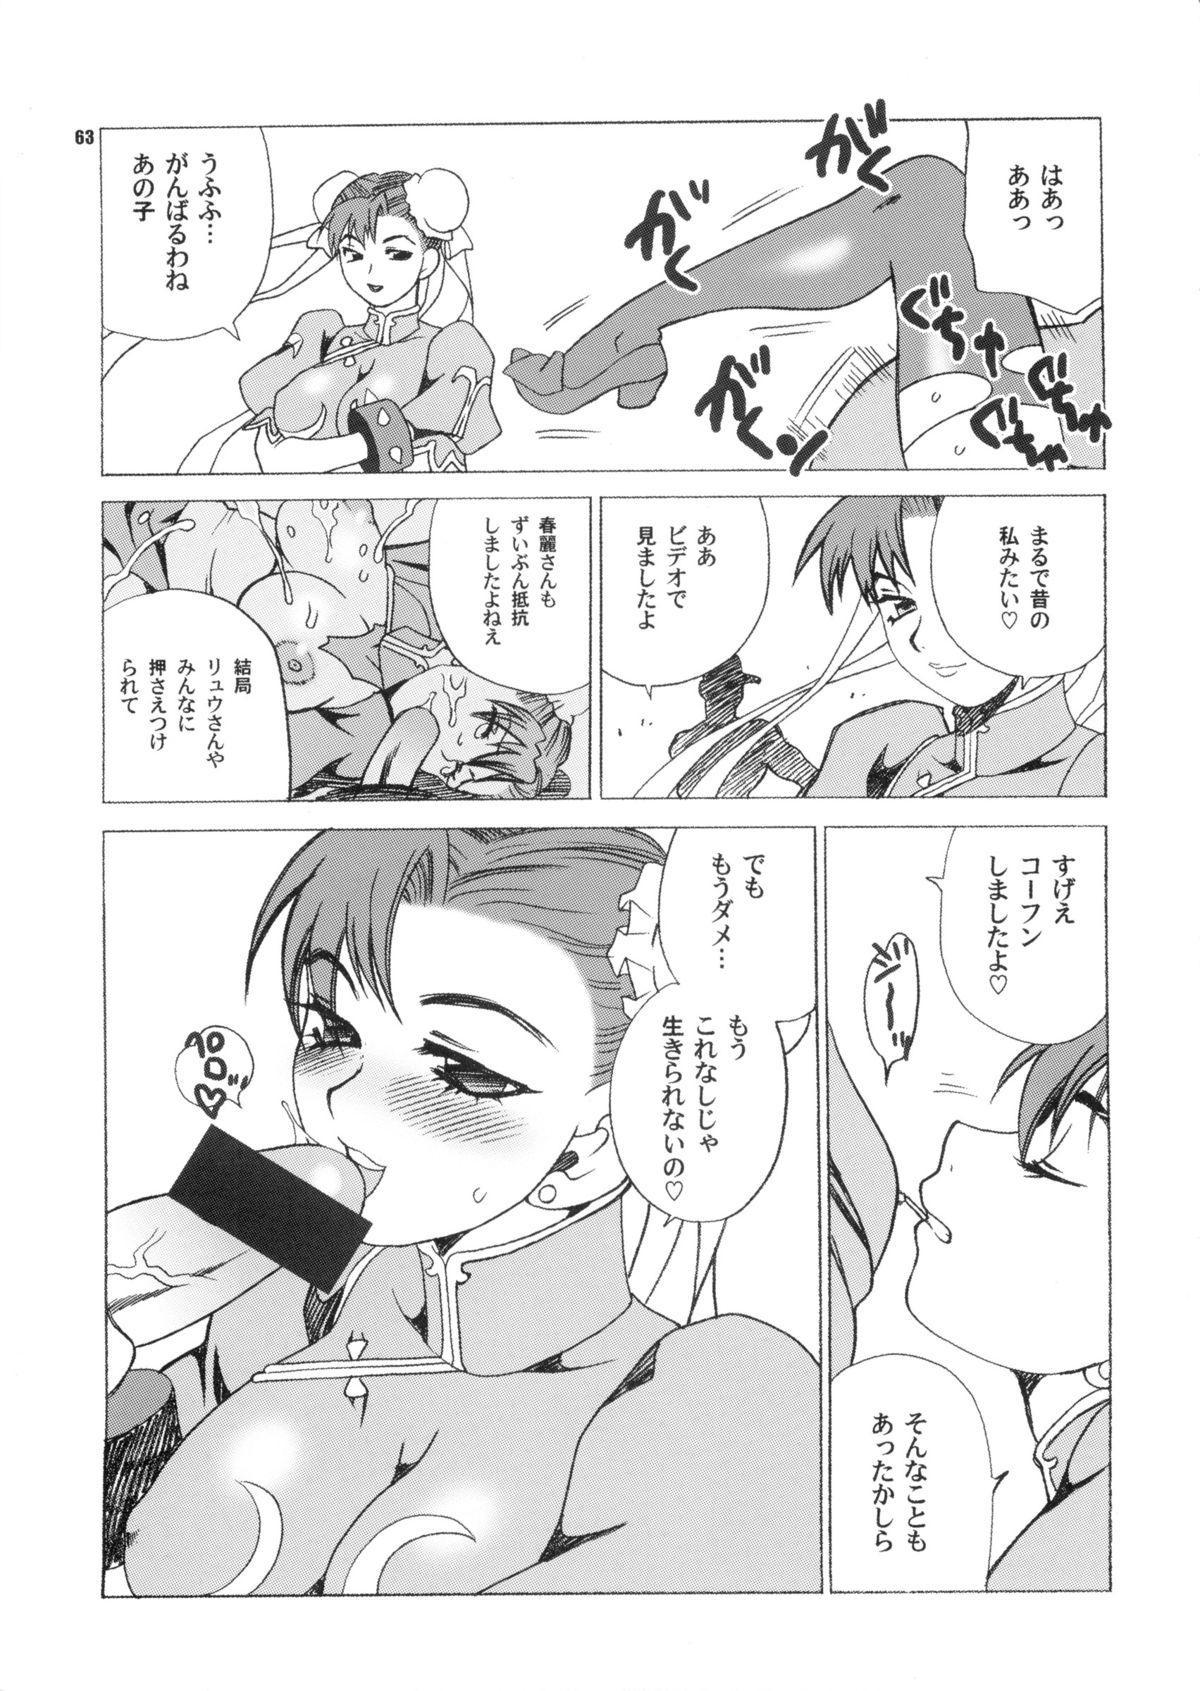 Yukiyanagi no Hon 28 Chun-Li Matome 62